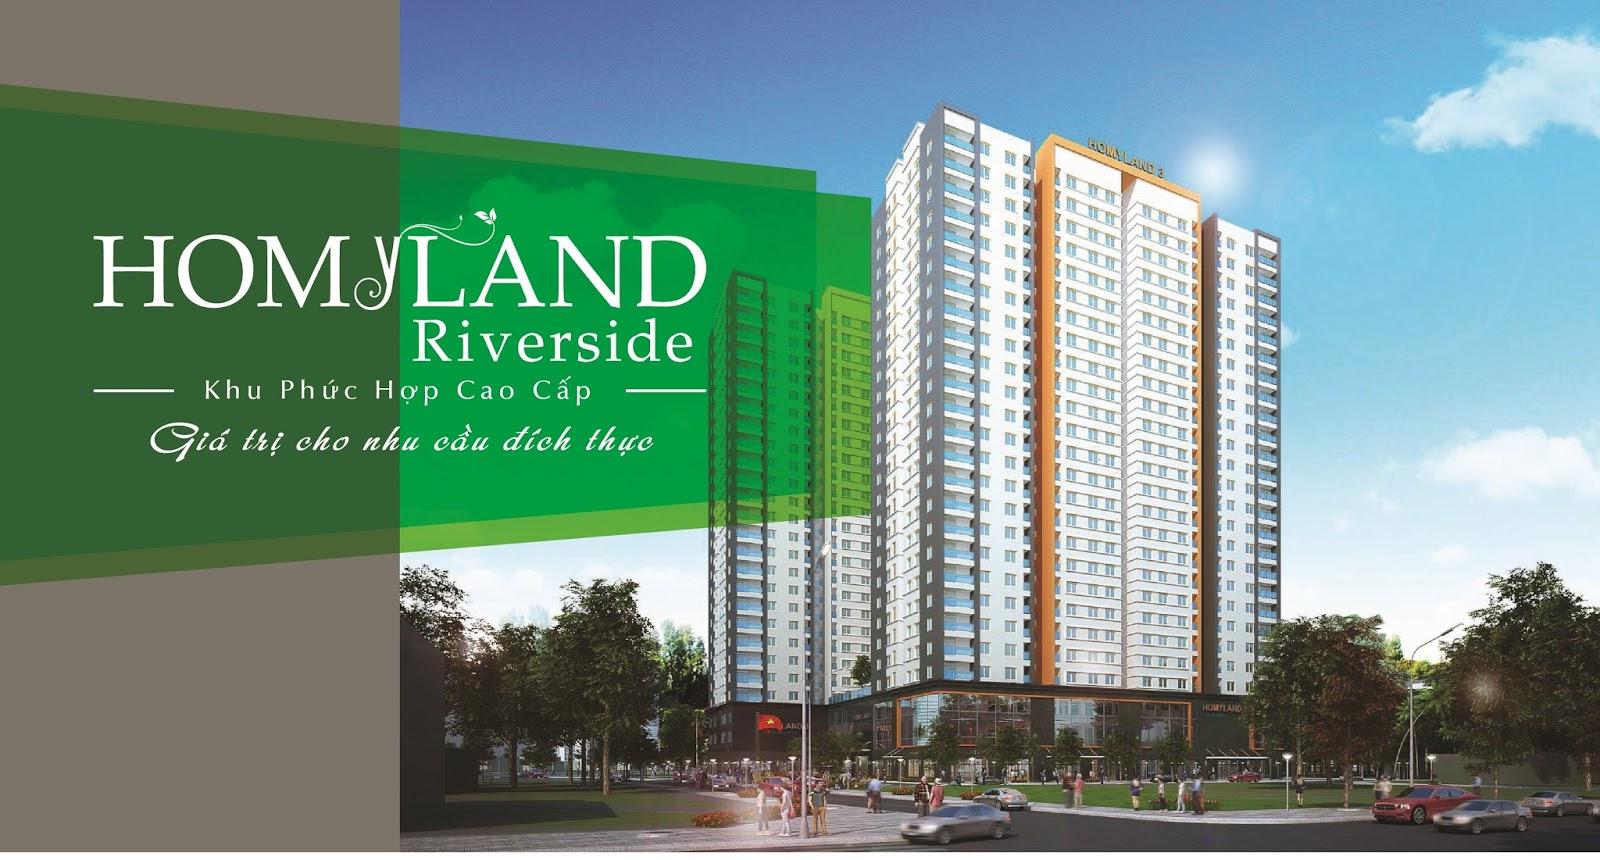 Homyland Riverside quận 2 – Khu phức hợp 3 mặt tiền đắc địa nhất quận 2. 2